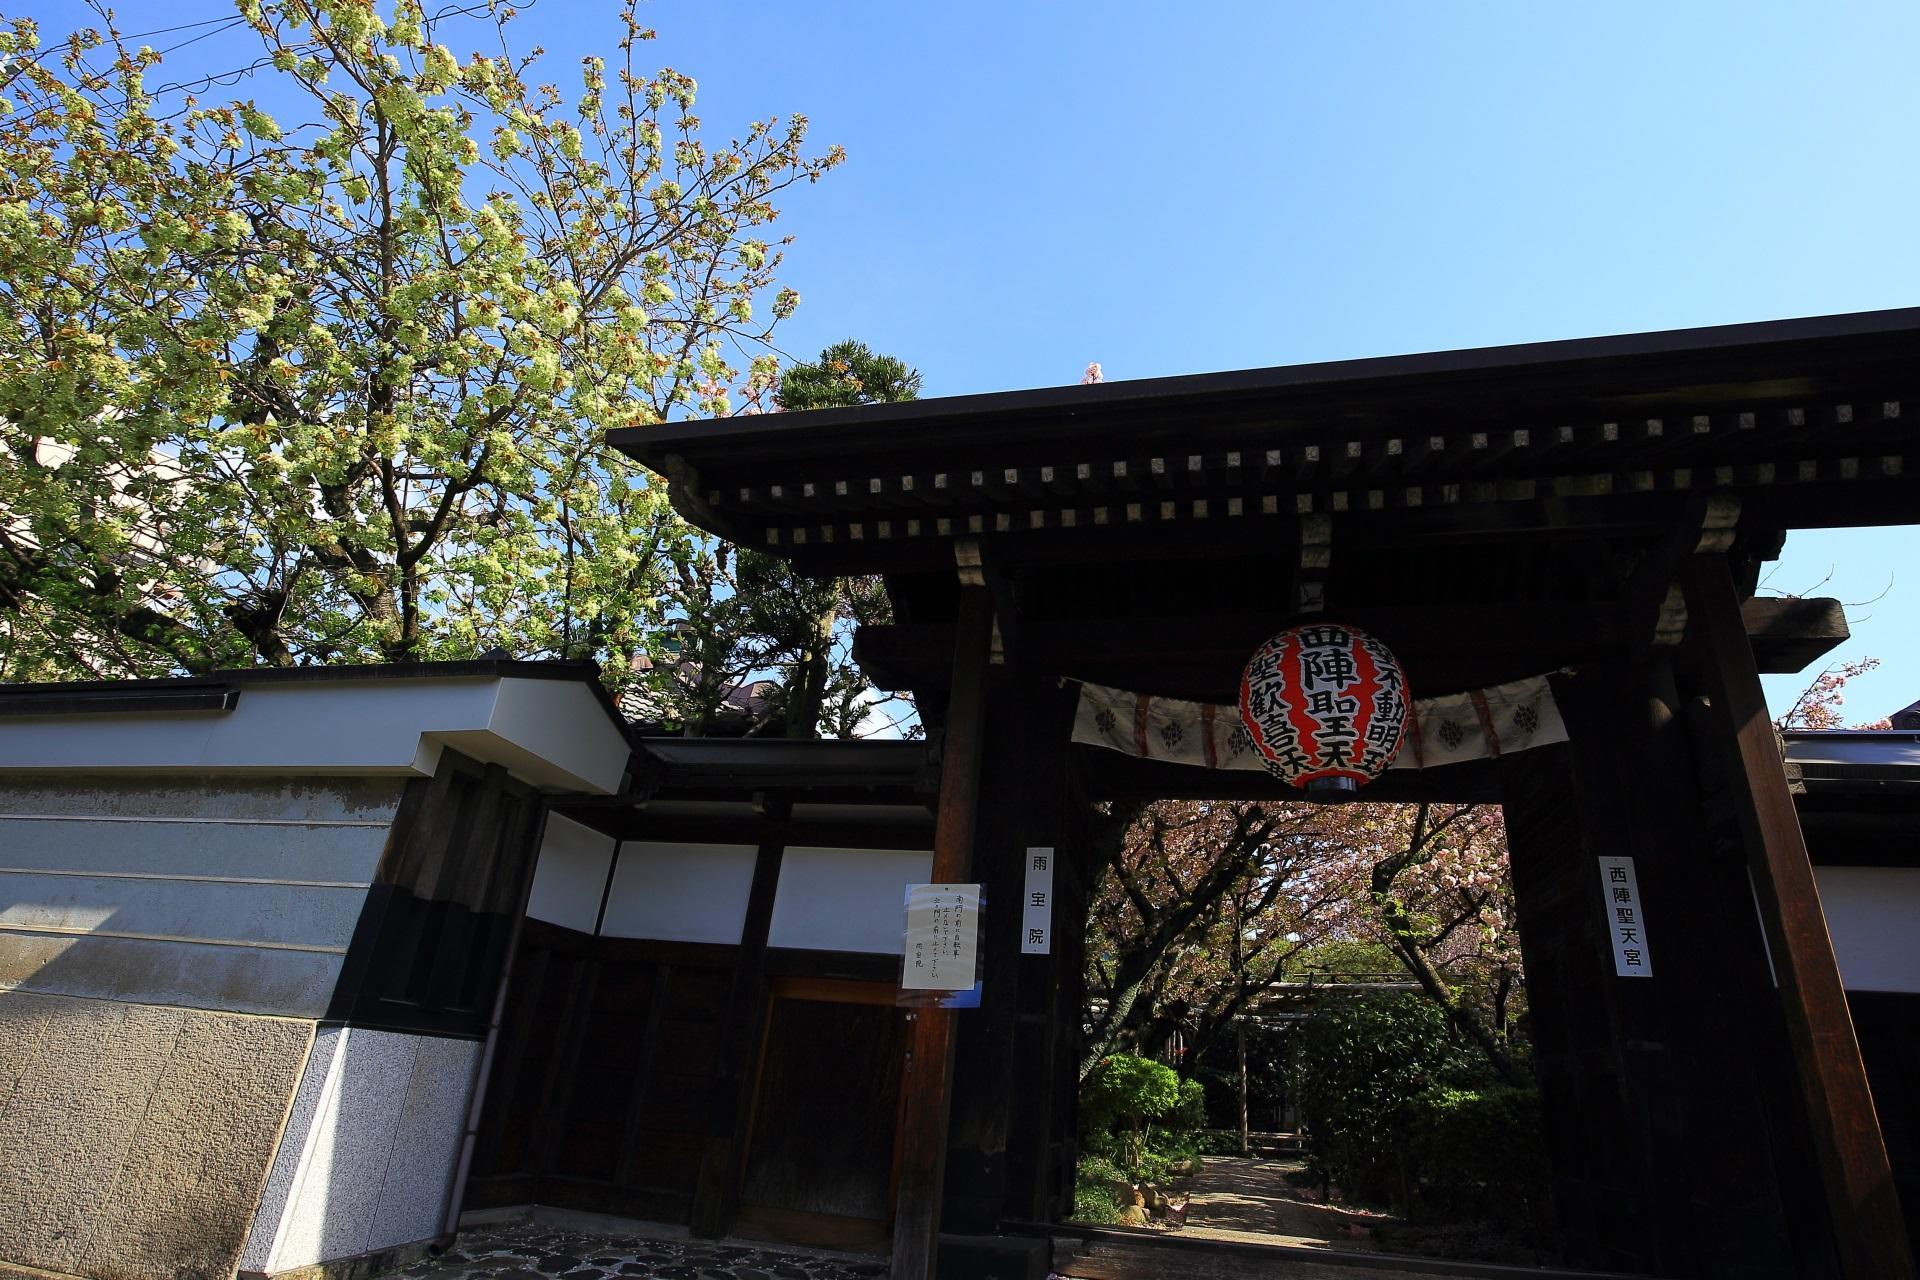 雨宝院 緑の桜と八重桜 遅咲きの桜につつまれる名所